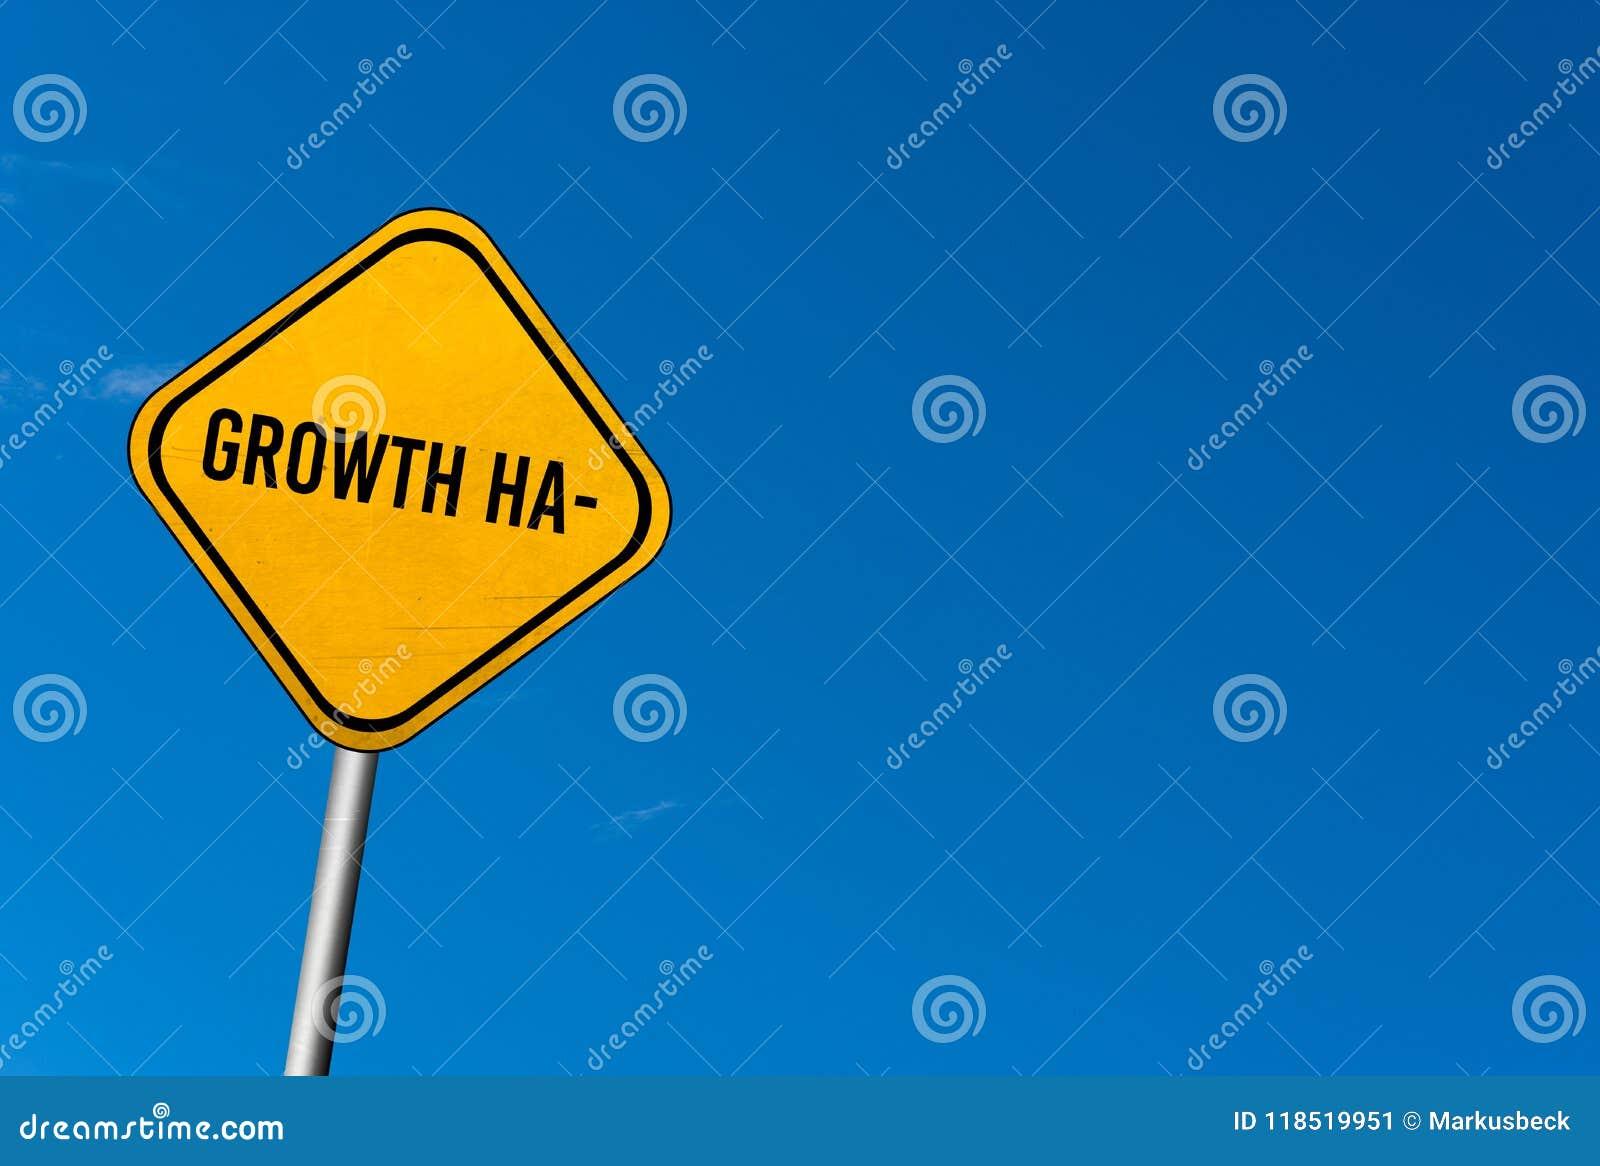 Corte do crescimento - sinal amarelo com céu azul